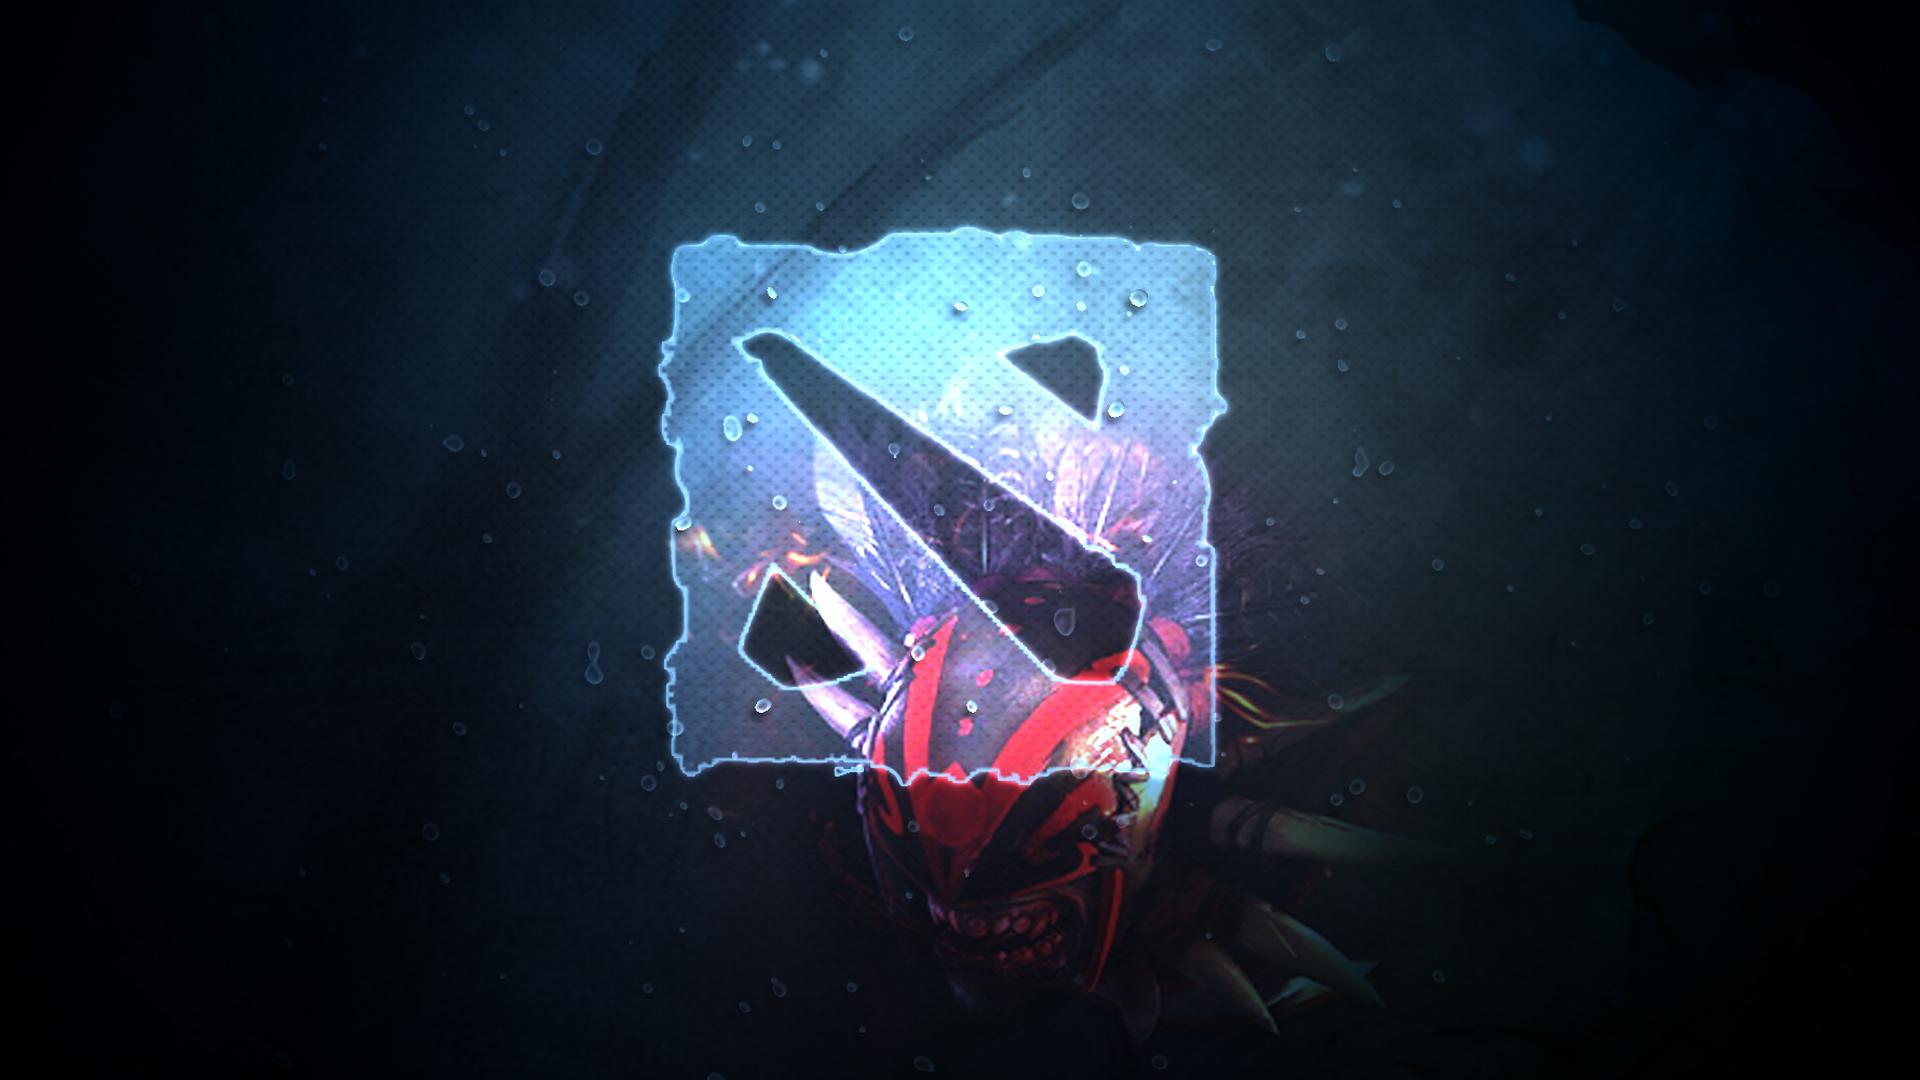 Bloodseeker Dota 2 Logo 3a Wallpaper HD